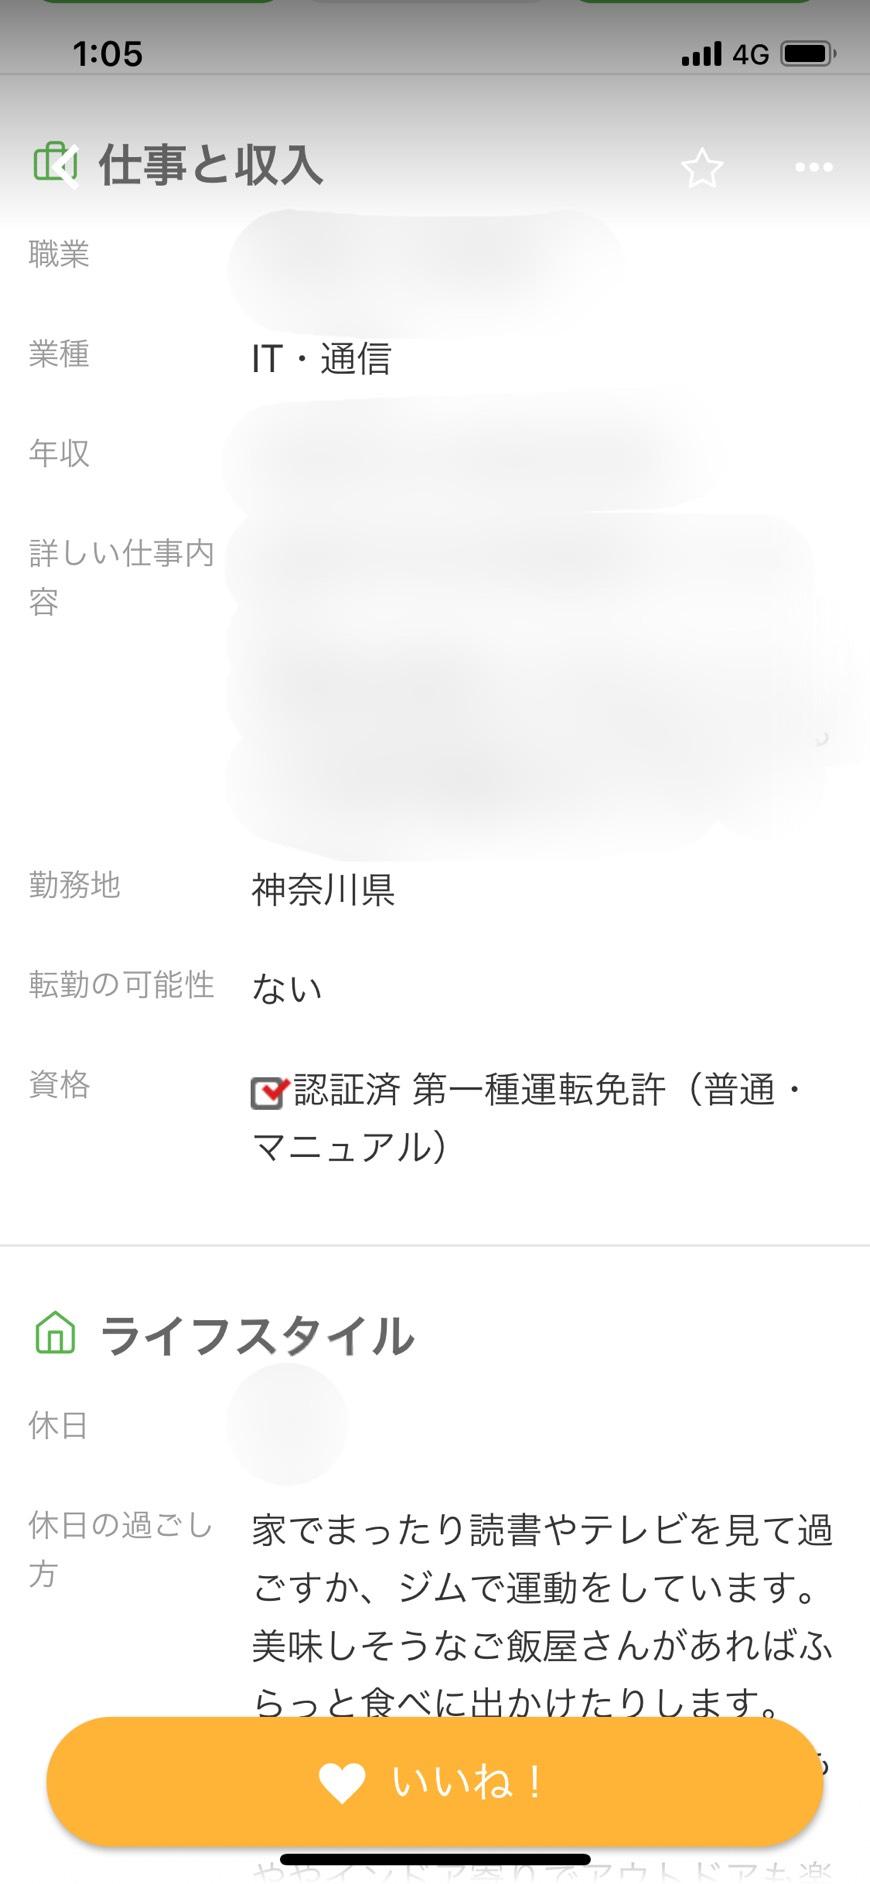 会員登録後の検索結果 基本情報 仕事編